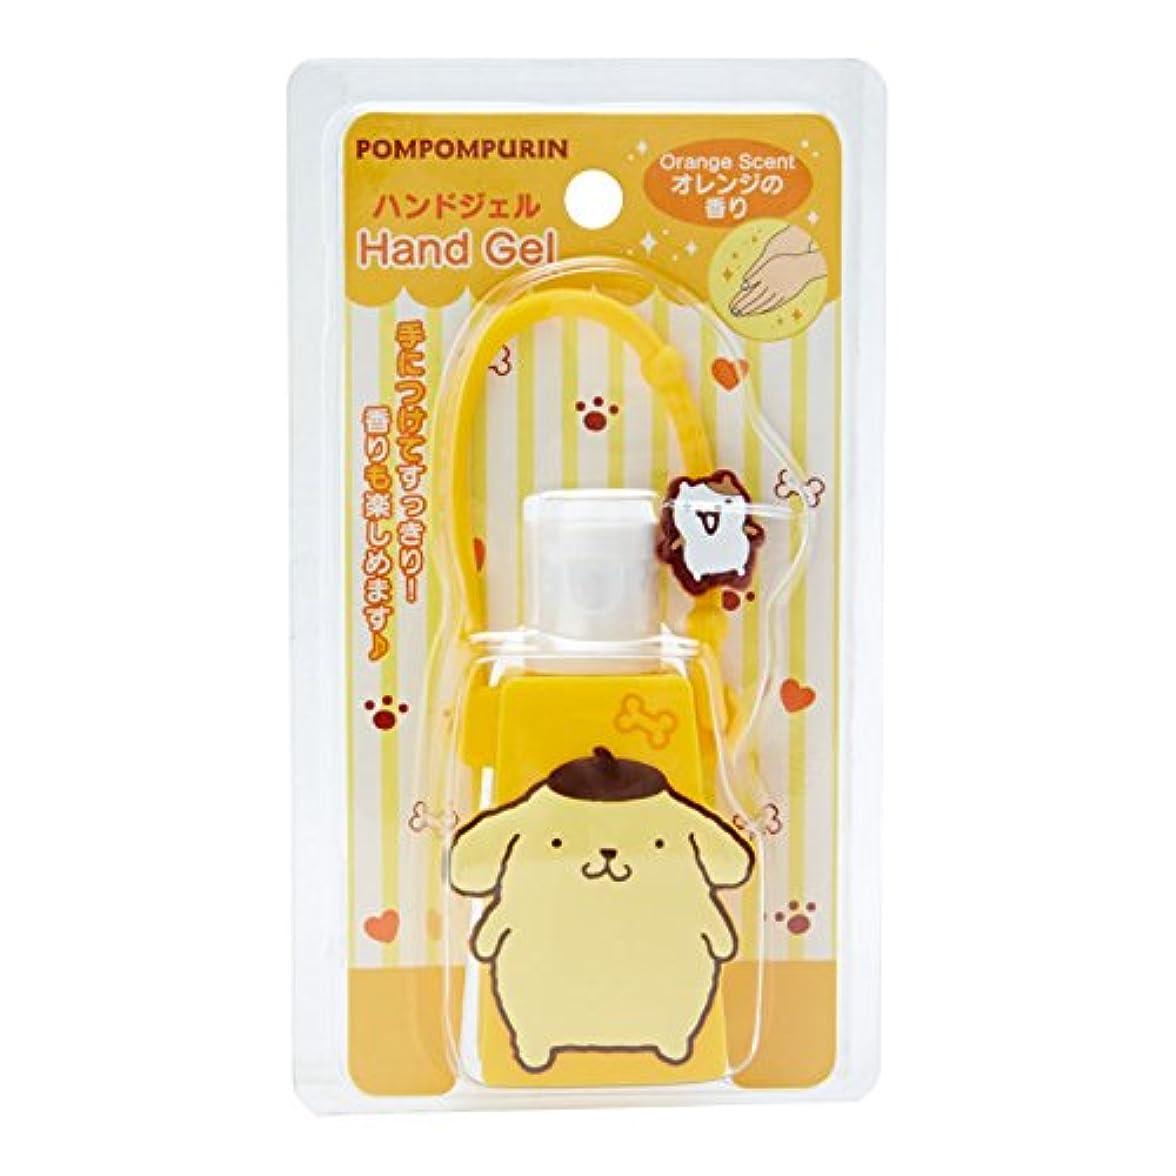 チャップ老人役割ポムポムプリン 携帯ハンドジェル(オレンジの香り)